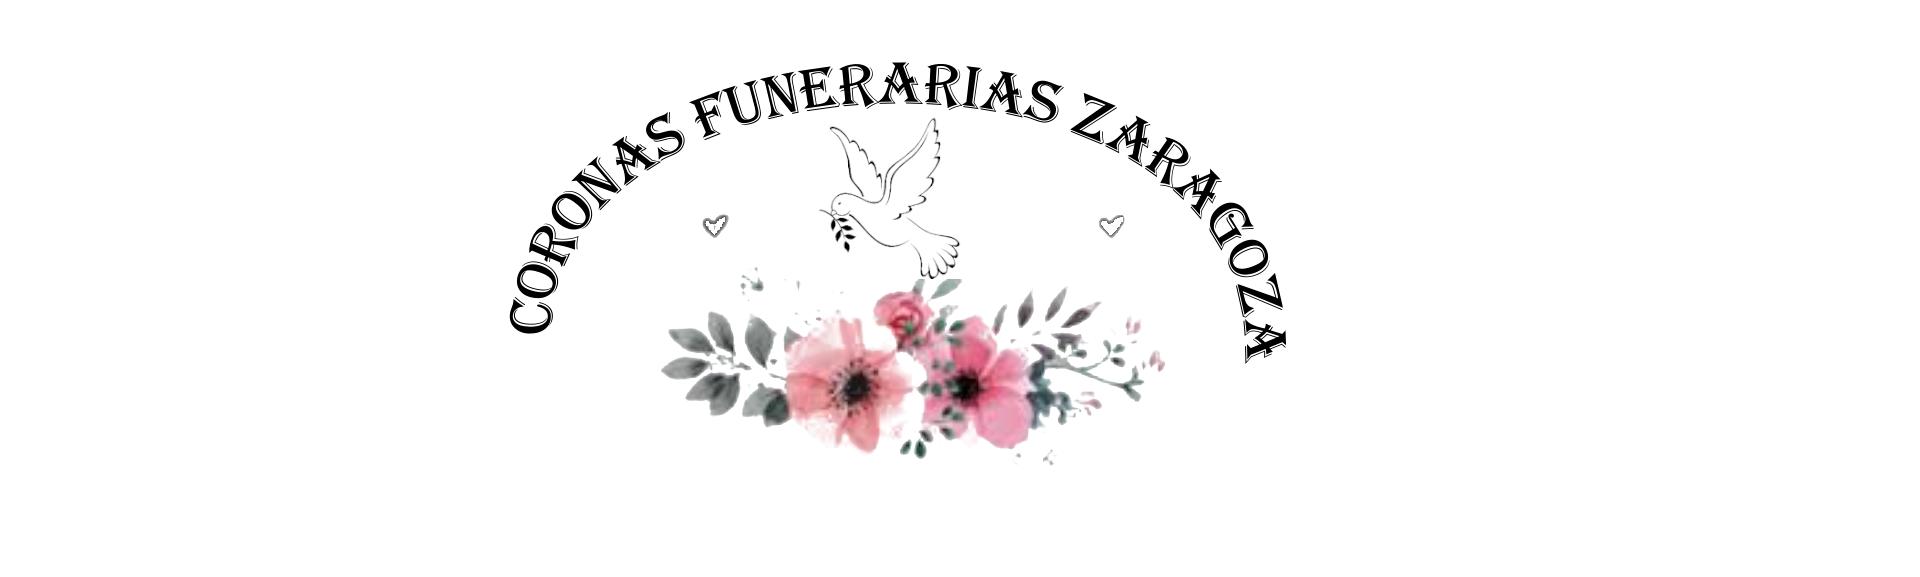 Coronas Funerarias Zaragoza